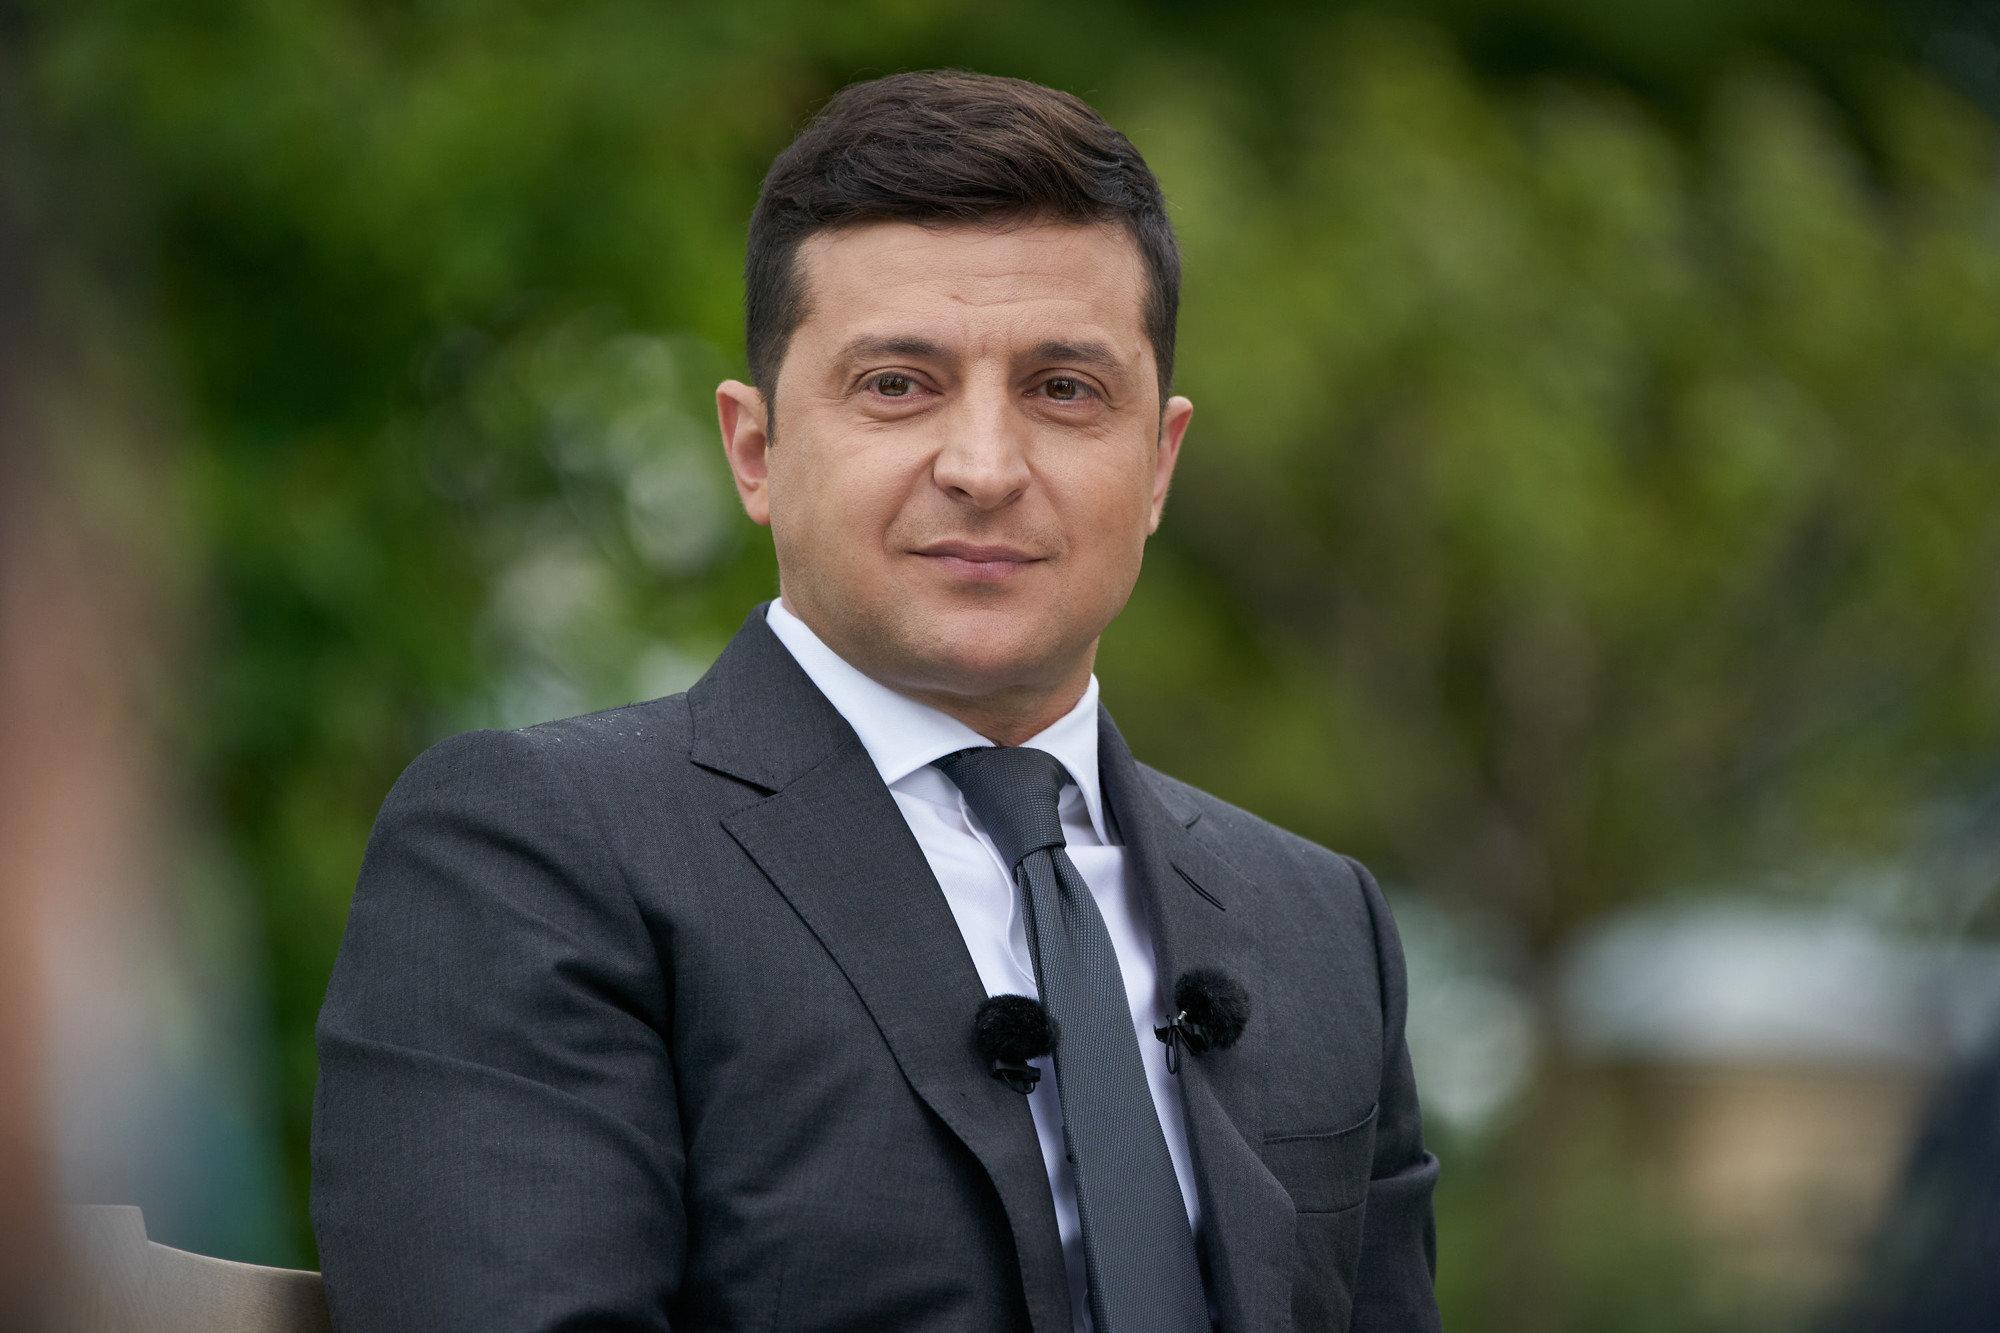 Зеленский поздравил адвокатов с профессиональным праздником